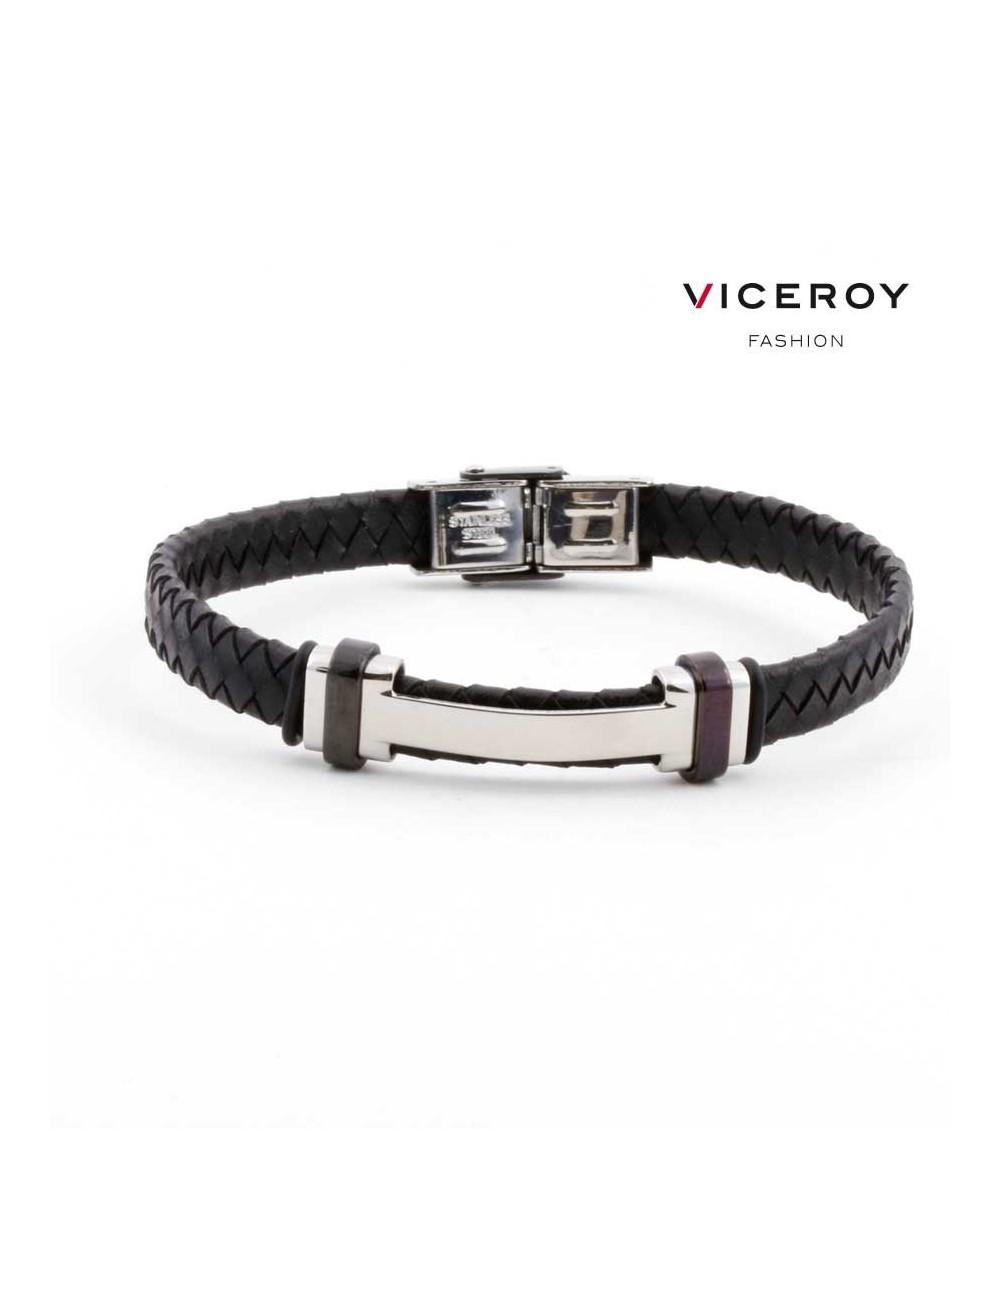 69c5e38b594d Pulsera Viceroy Fashion hombre acero H cuero trenzado negro ...